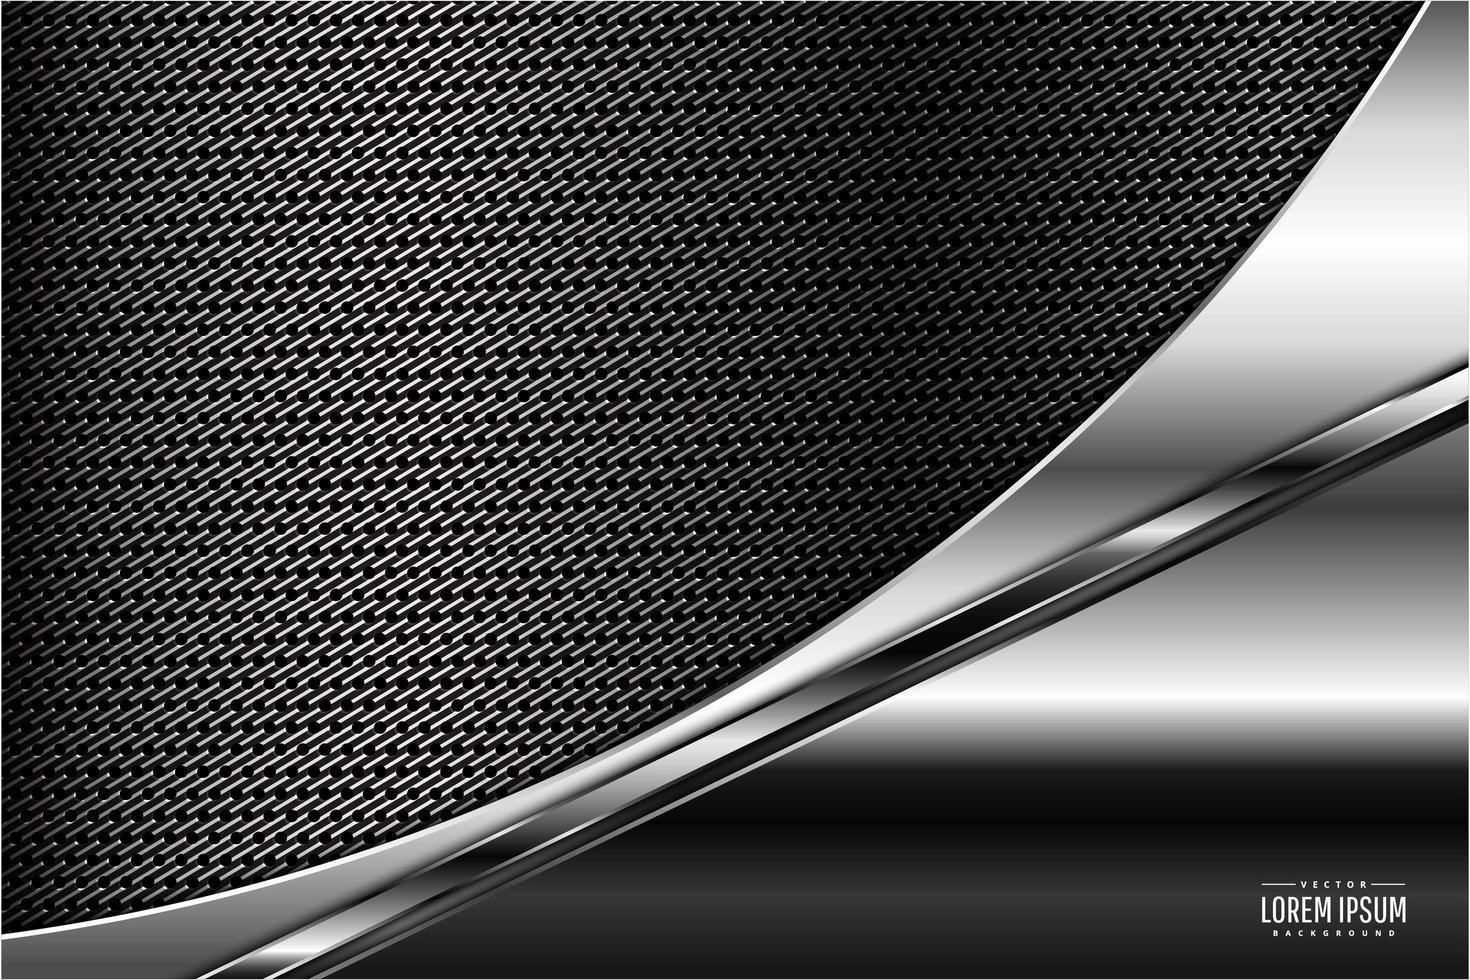 grijze metalen gebogen ontwerpachtergrond vector